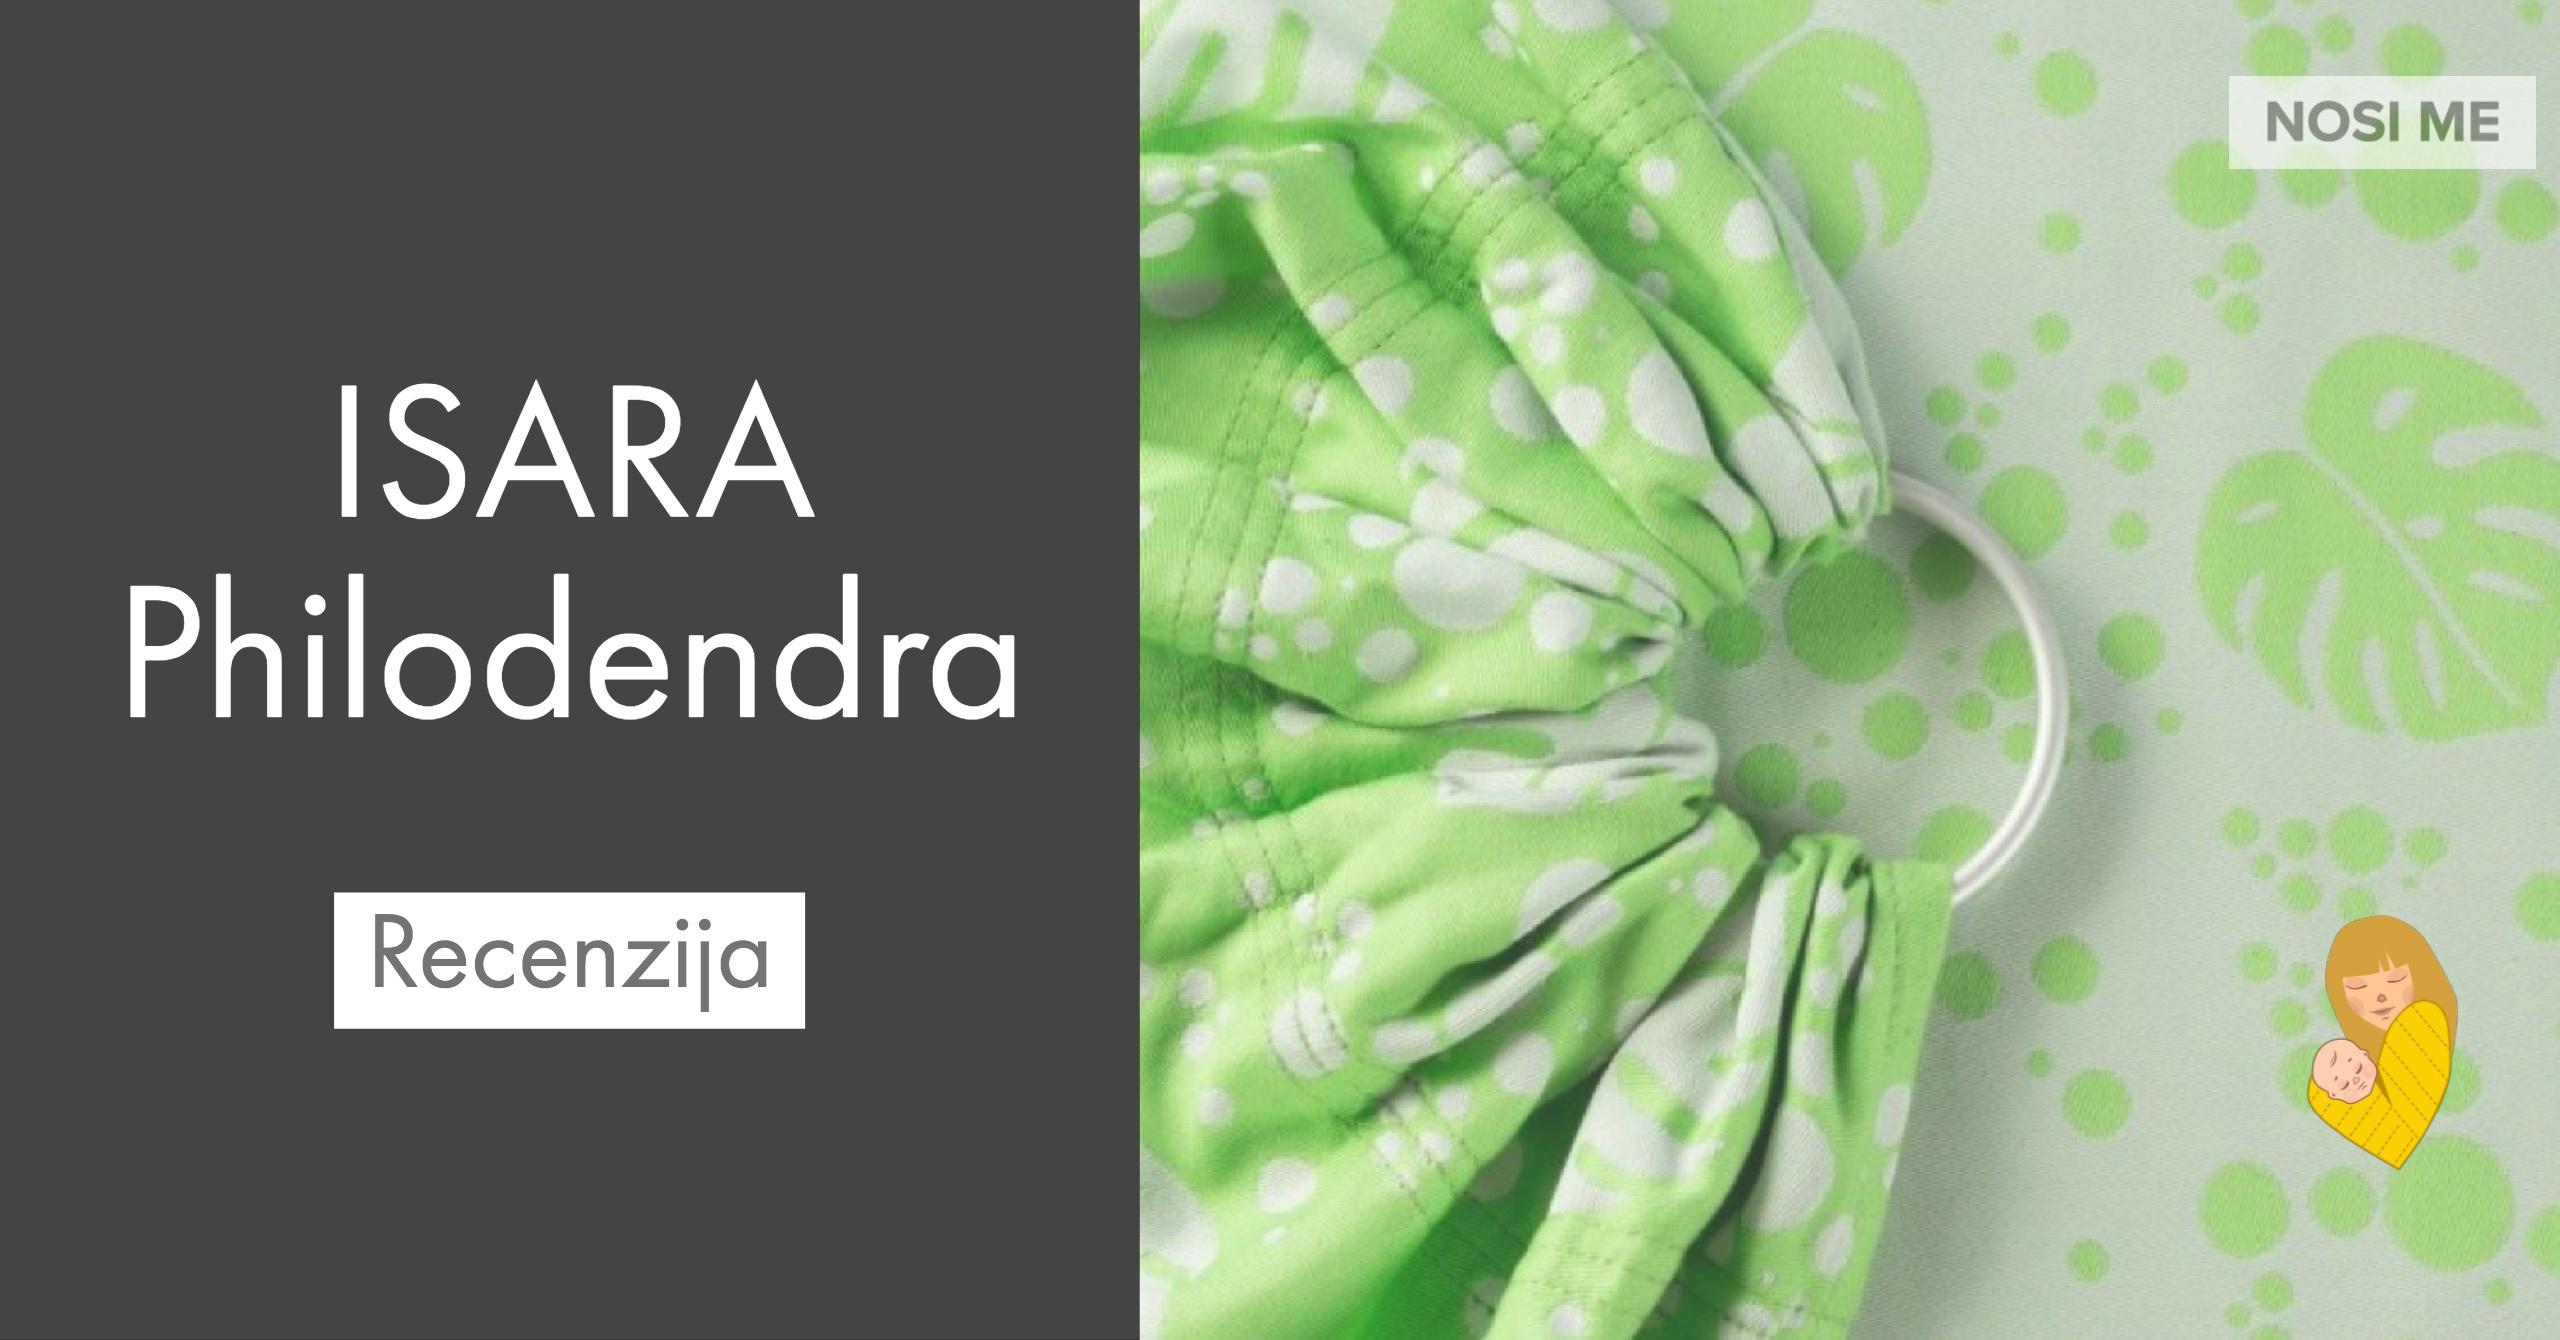 ISARA Philodendra